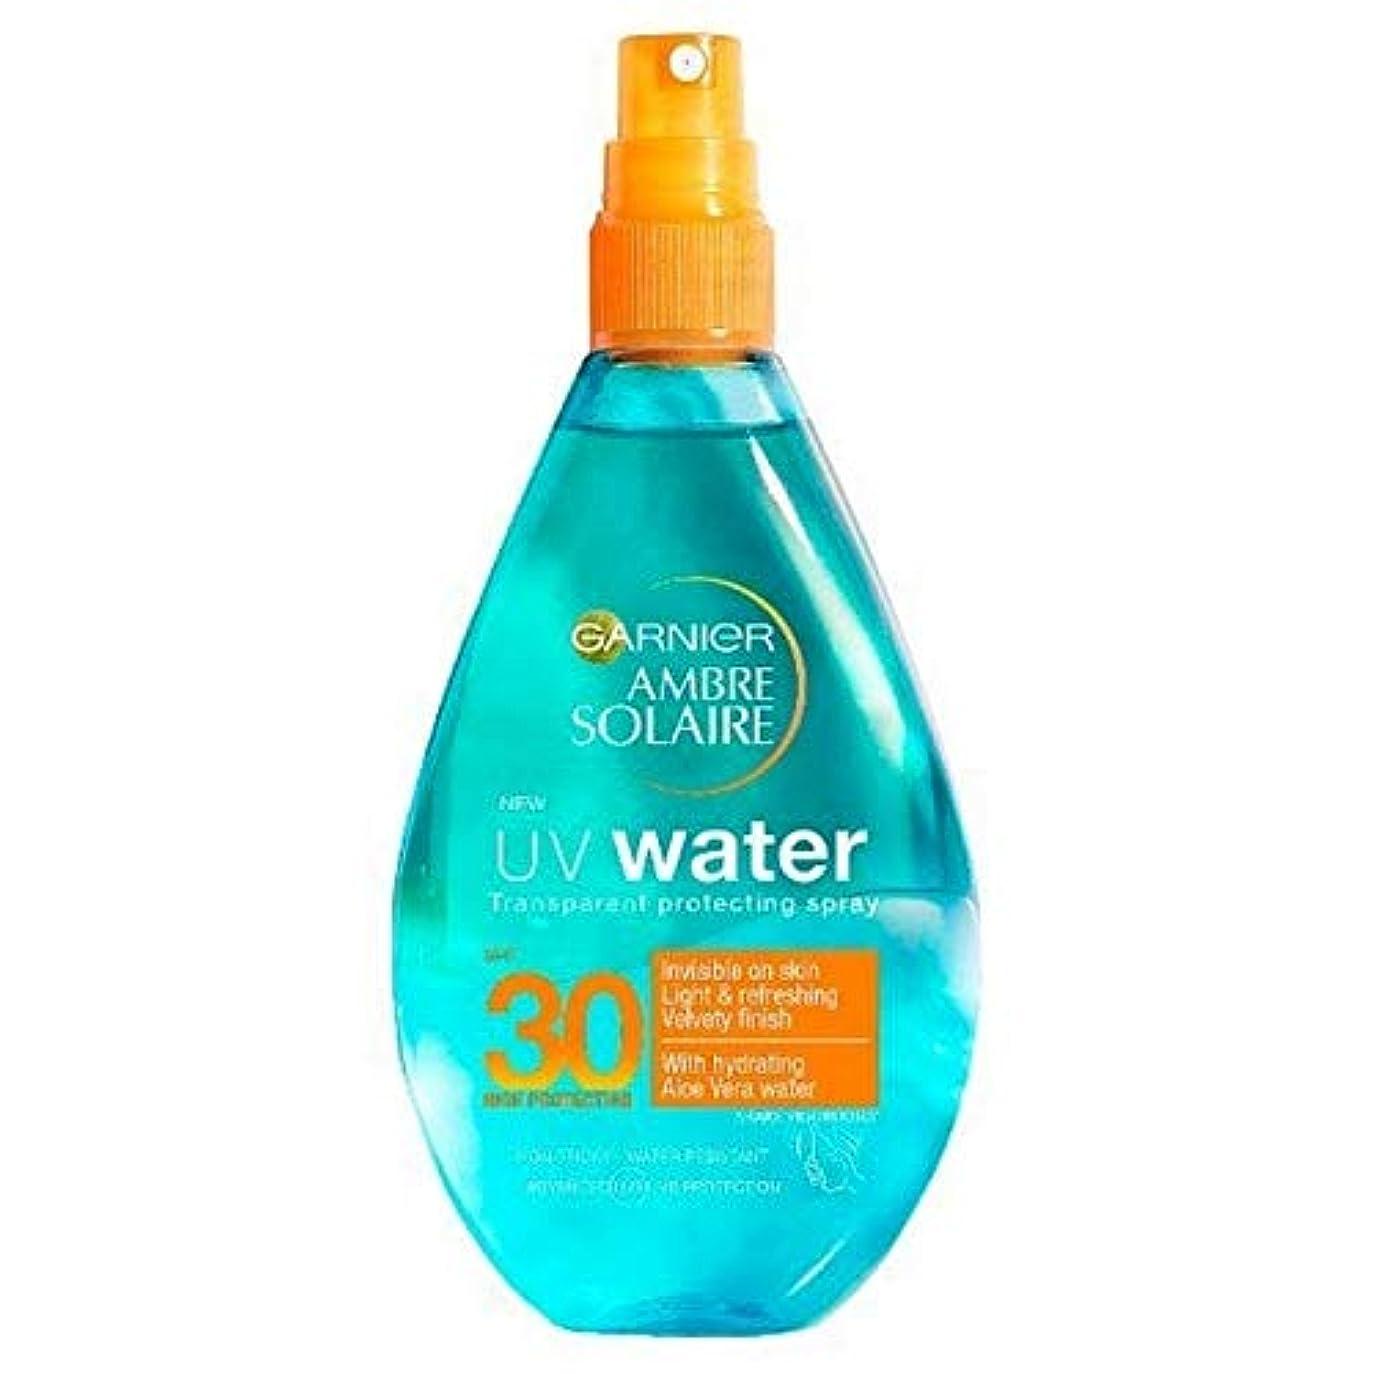 テクニカル遅らせる目に見える[Garnier ] アンブレSolaire紫外線水明確な日クリームスプレーSpf30 150ミリリットル - Ambre Solaire UV Water Clear Sun Cream Spray SPF30 150ml...